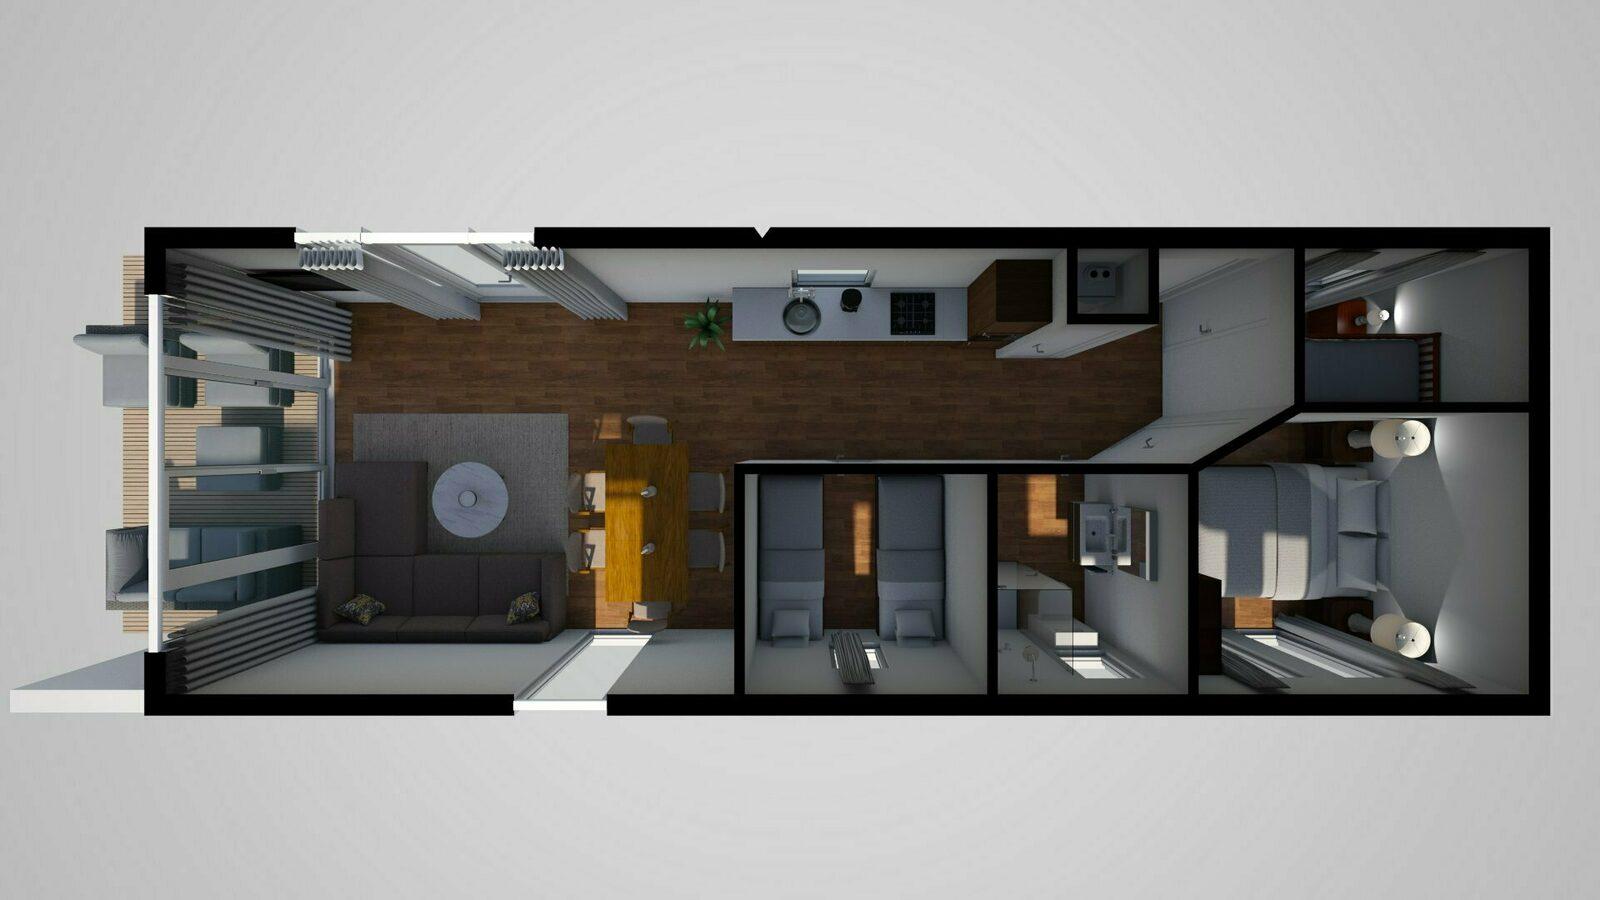 6-Personen-Chalet mit 3 Schlafzimmern